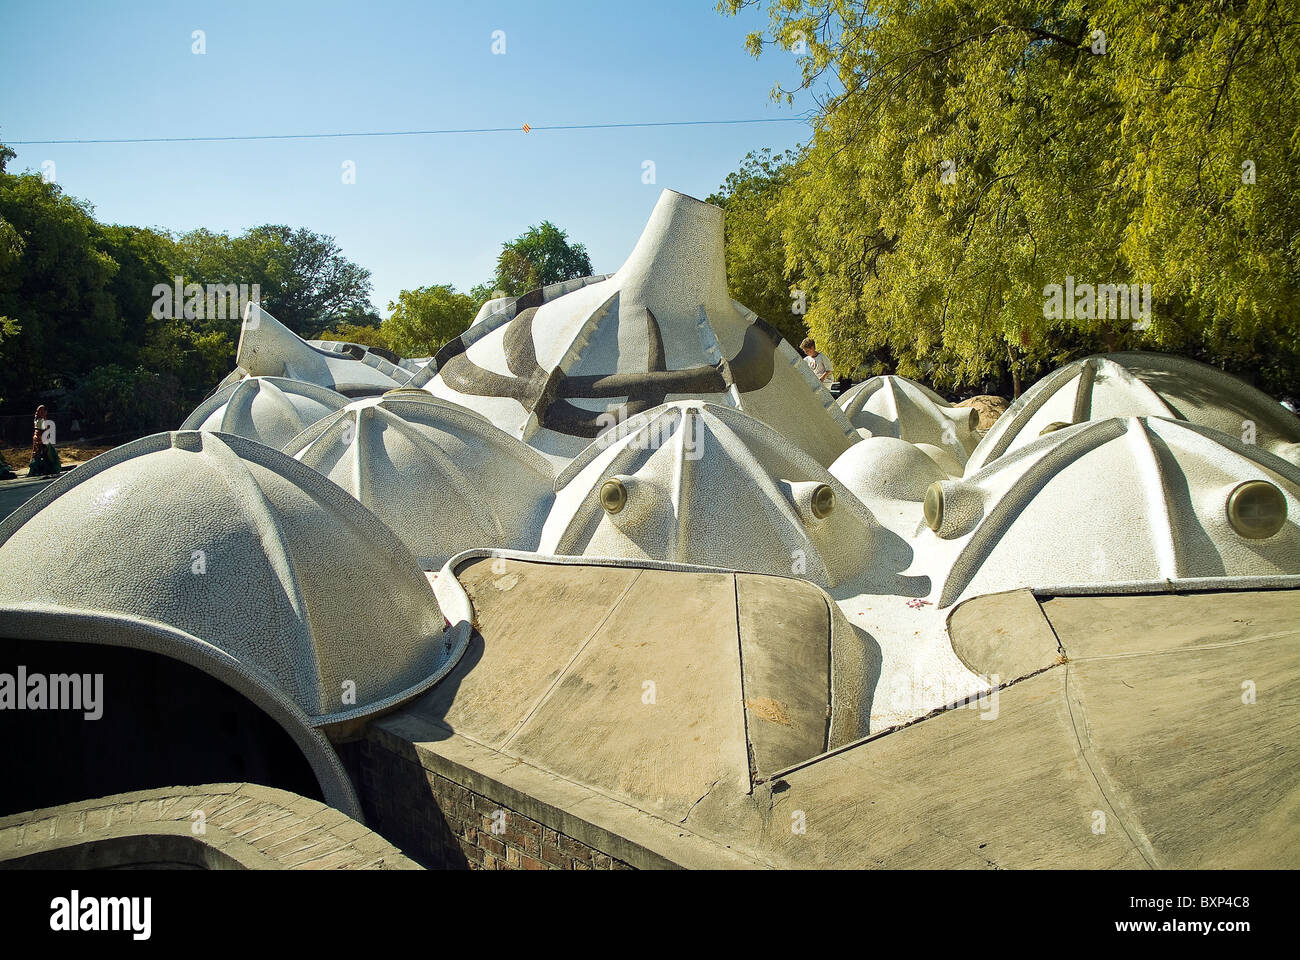 Hussain Doshi Gufa metropolitana galleria d'arte progettato dall architetto B V Doshi, Ahmedabad, Gujarat, India Immagini Stock